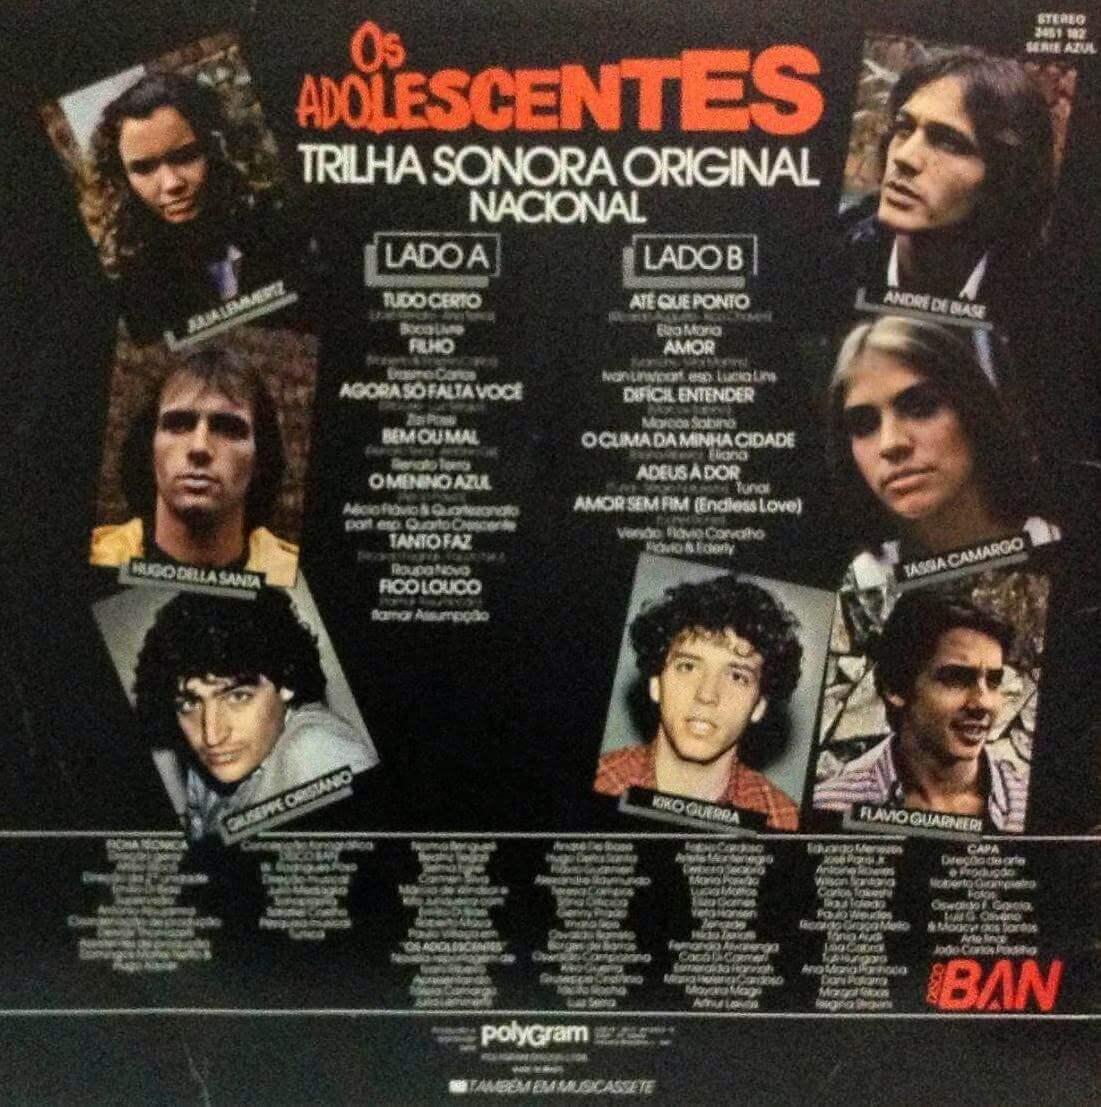 capa_os_adolescentes_81